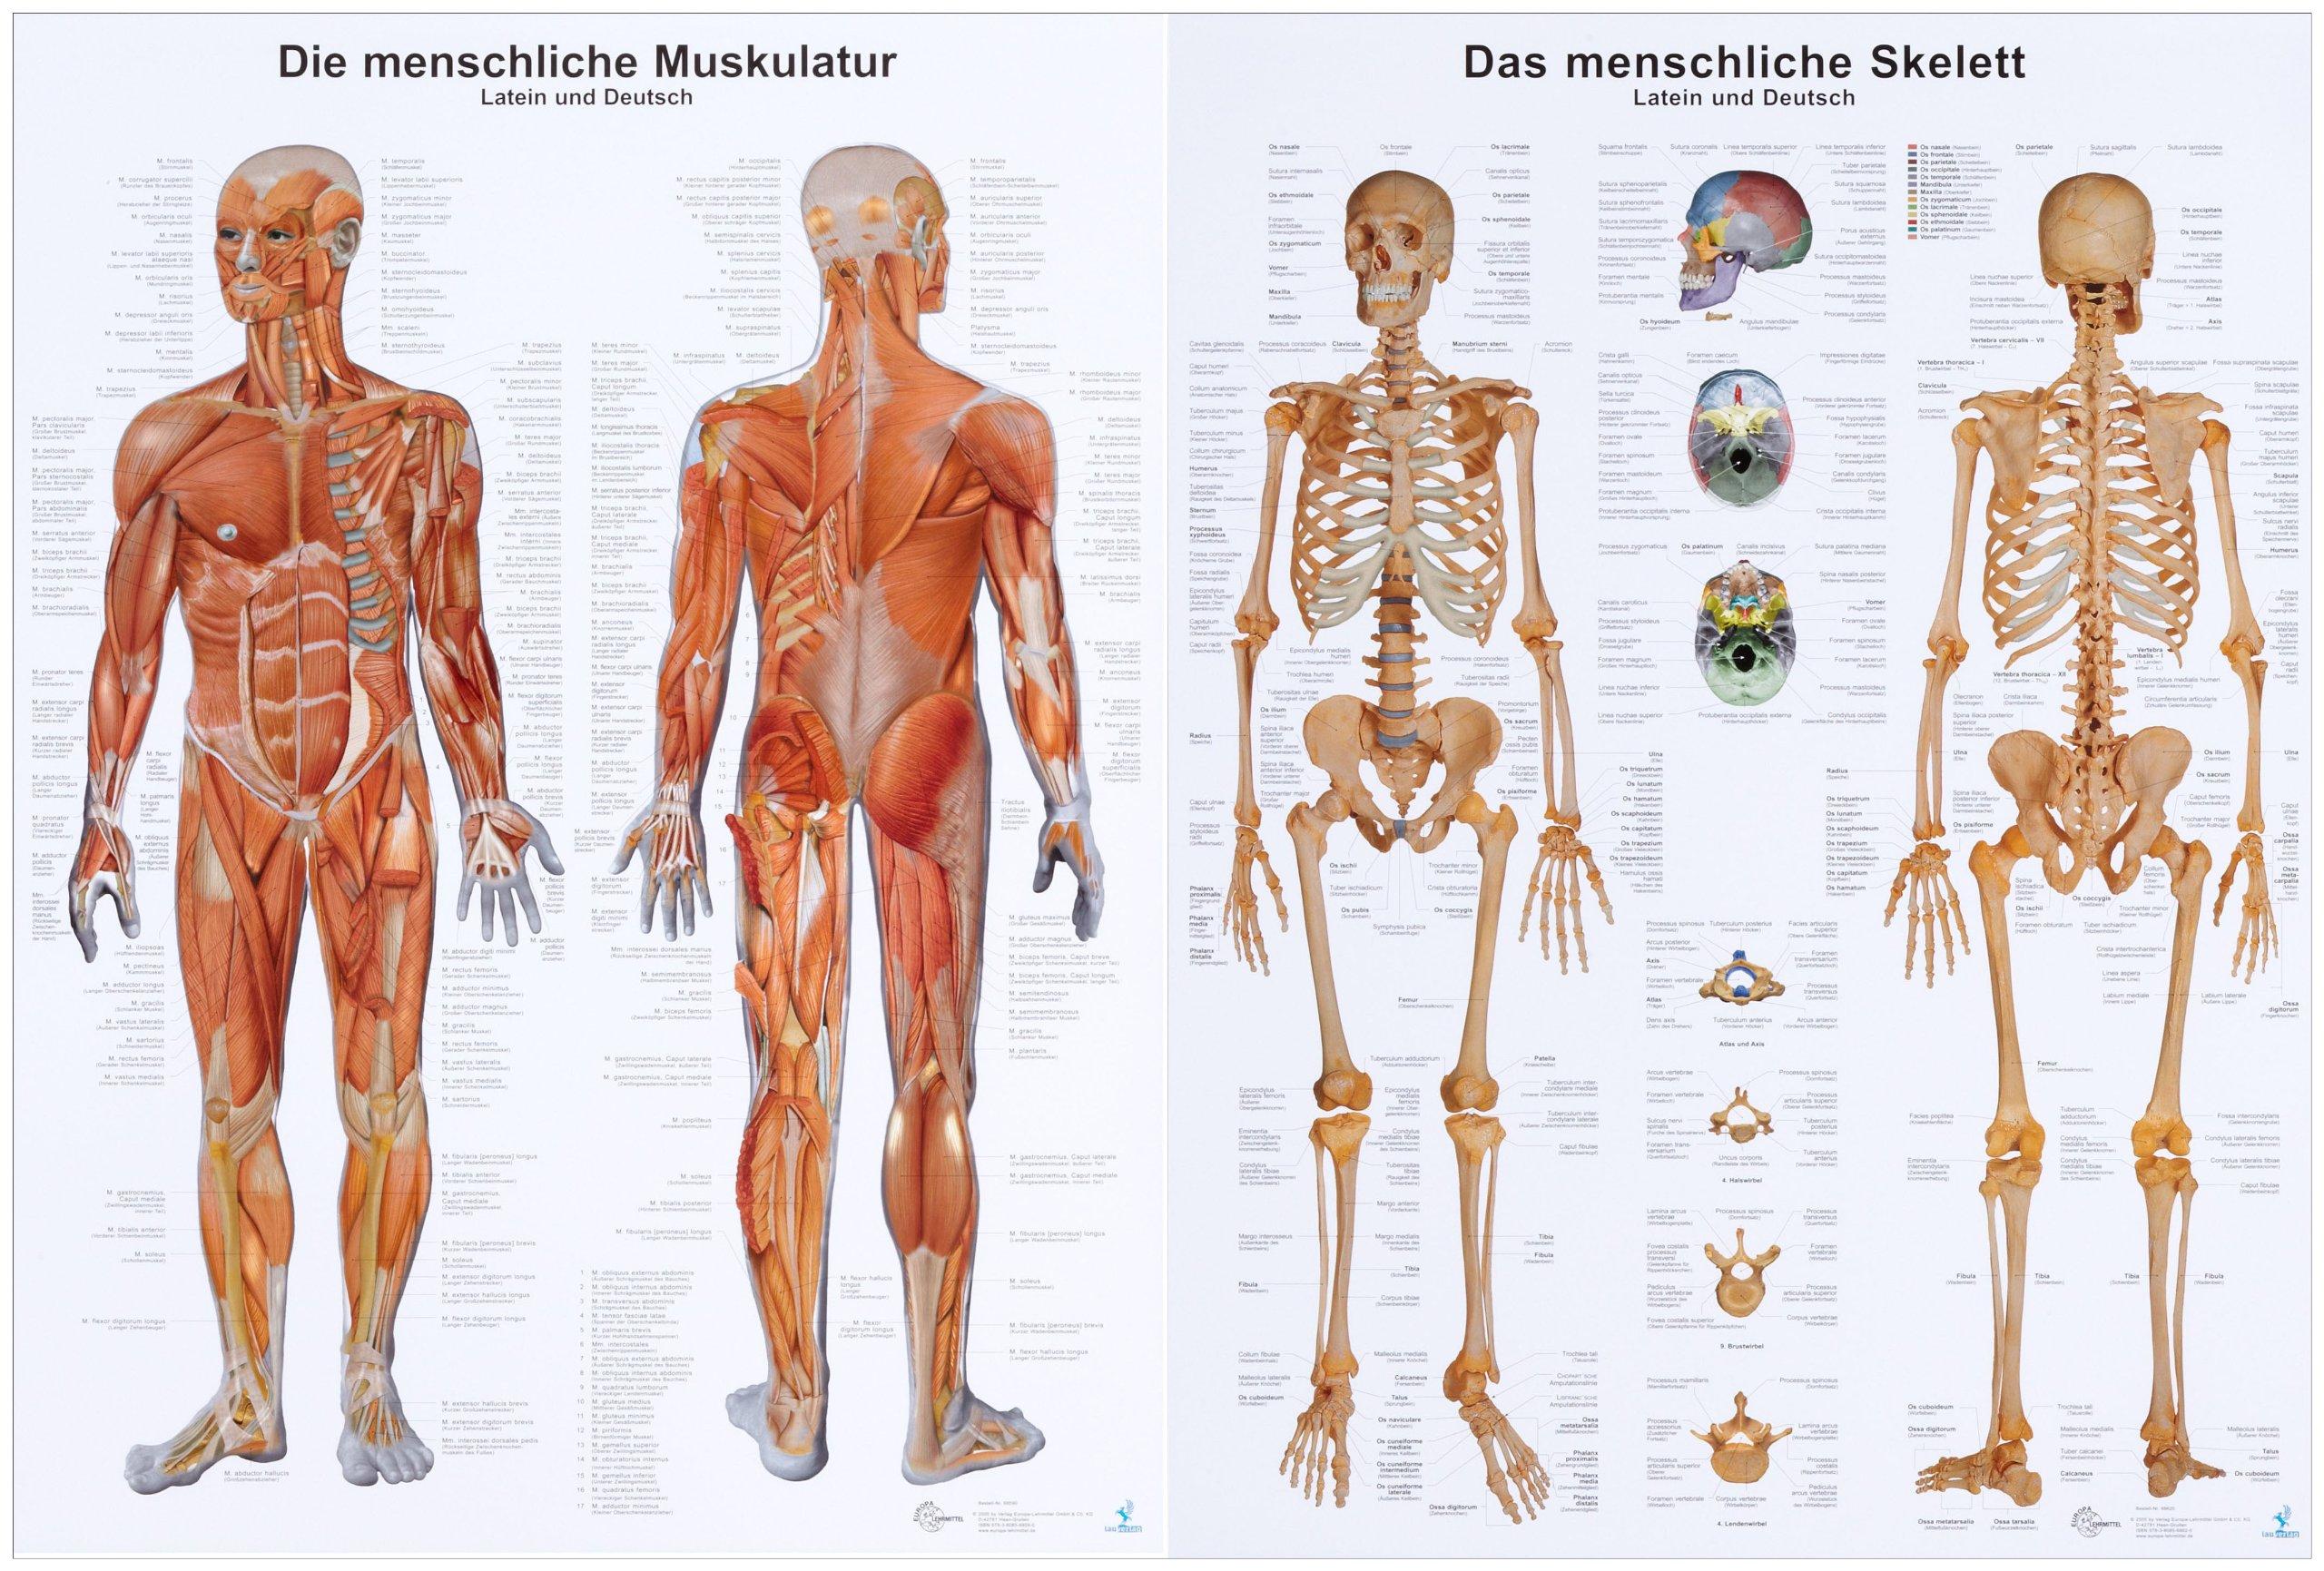 Anatomie-Lehrtafeln im Doppelpack \' Die menschliche Muskulatur \' und ...